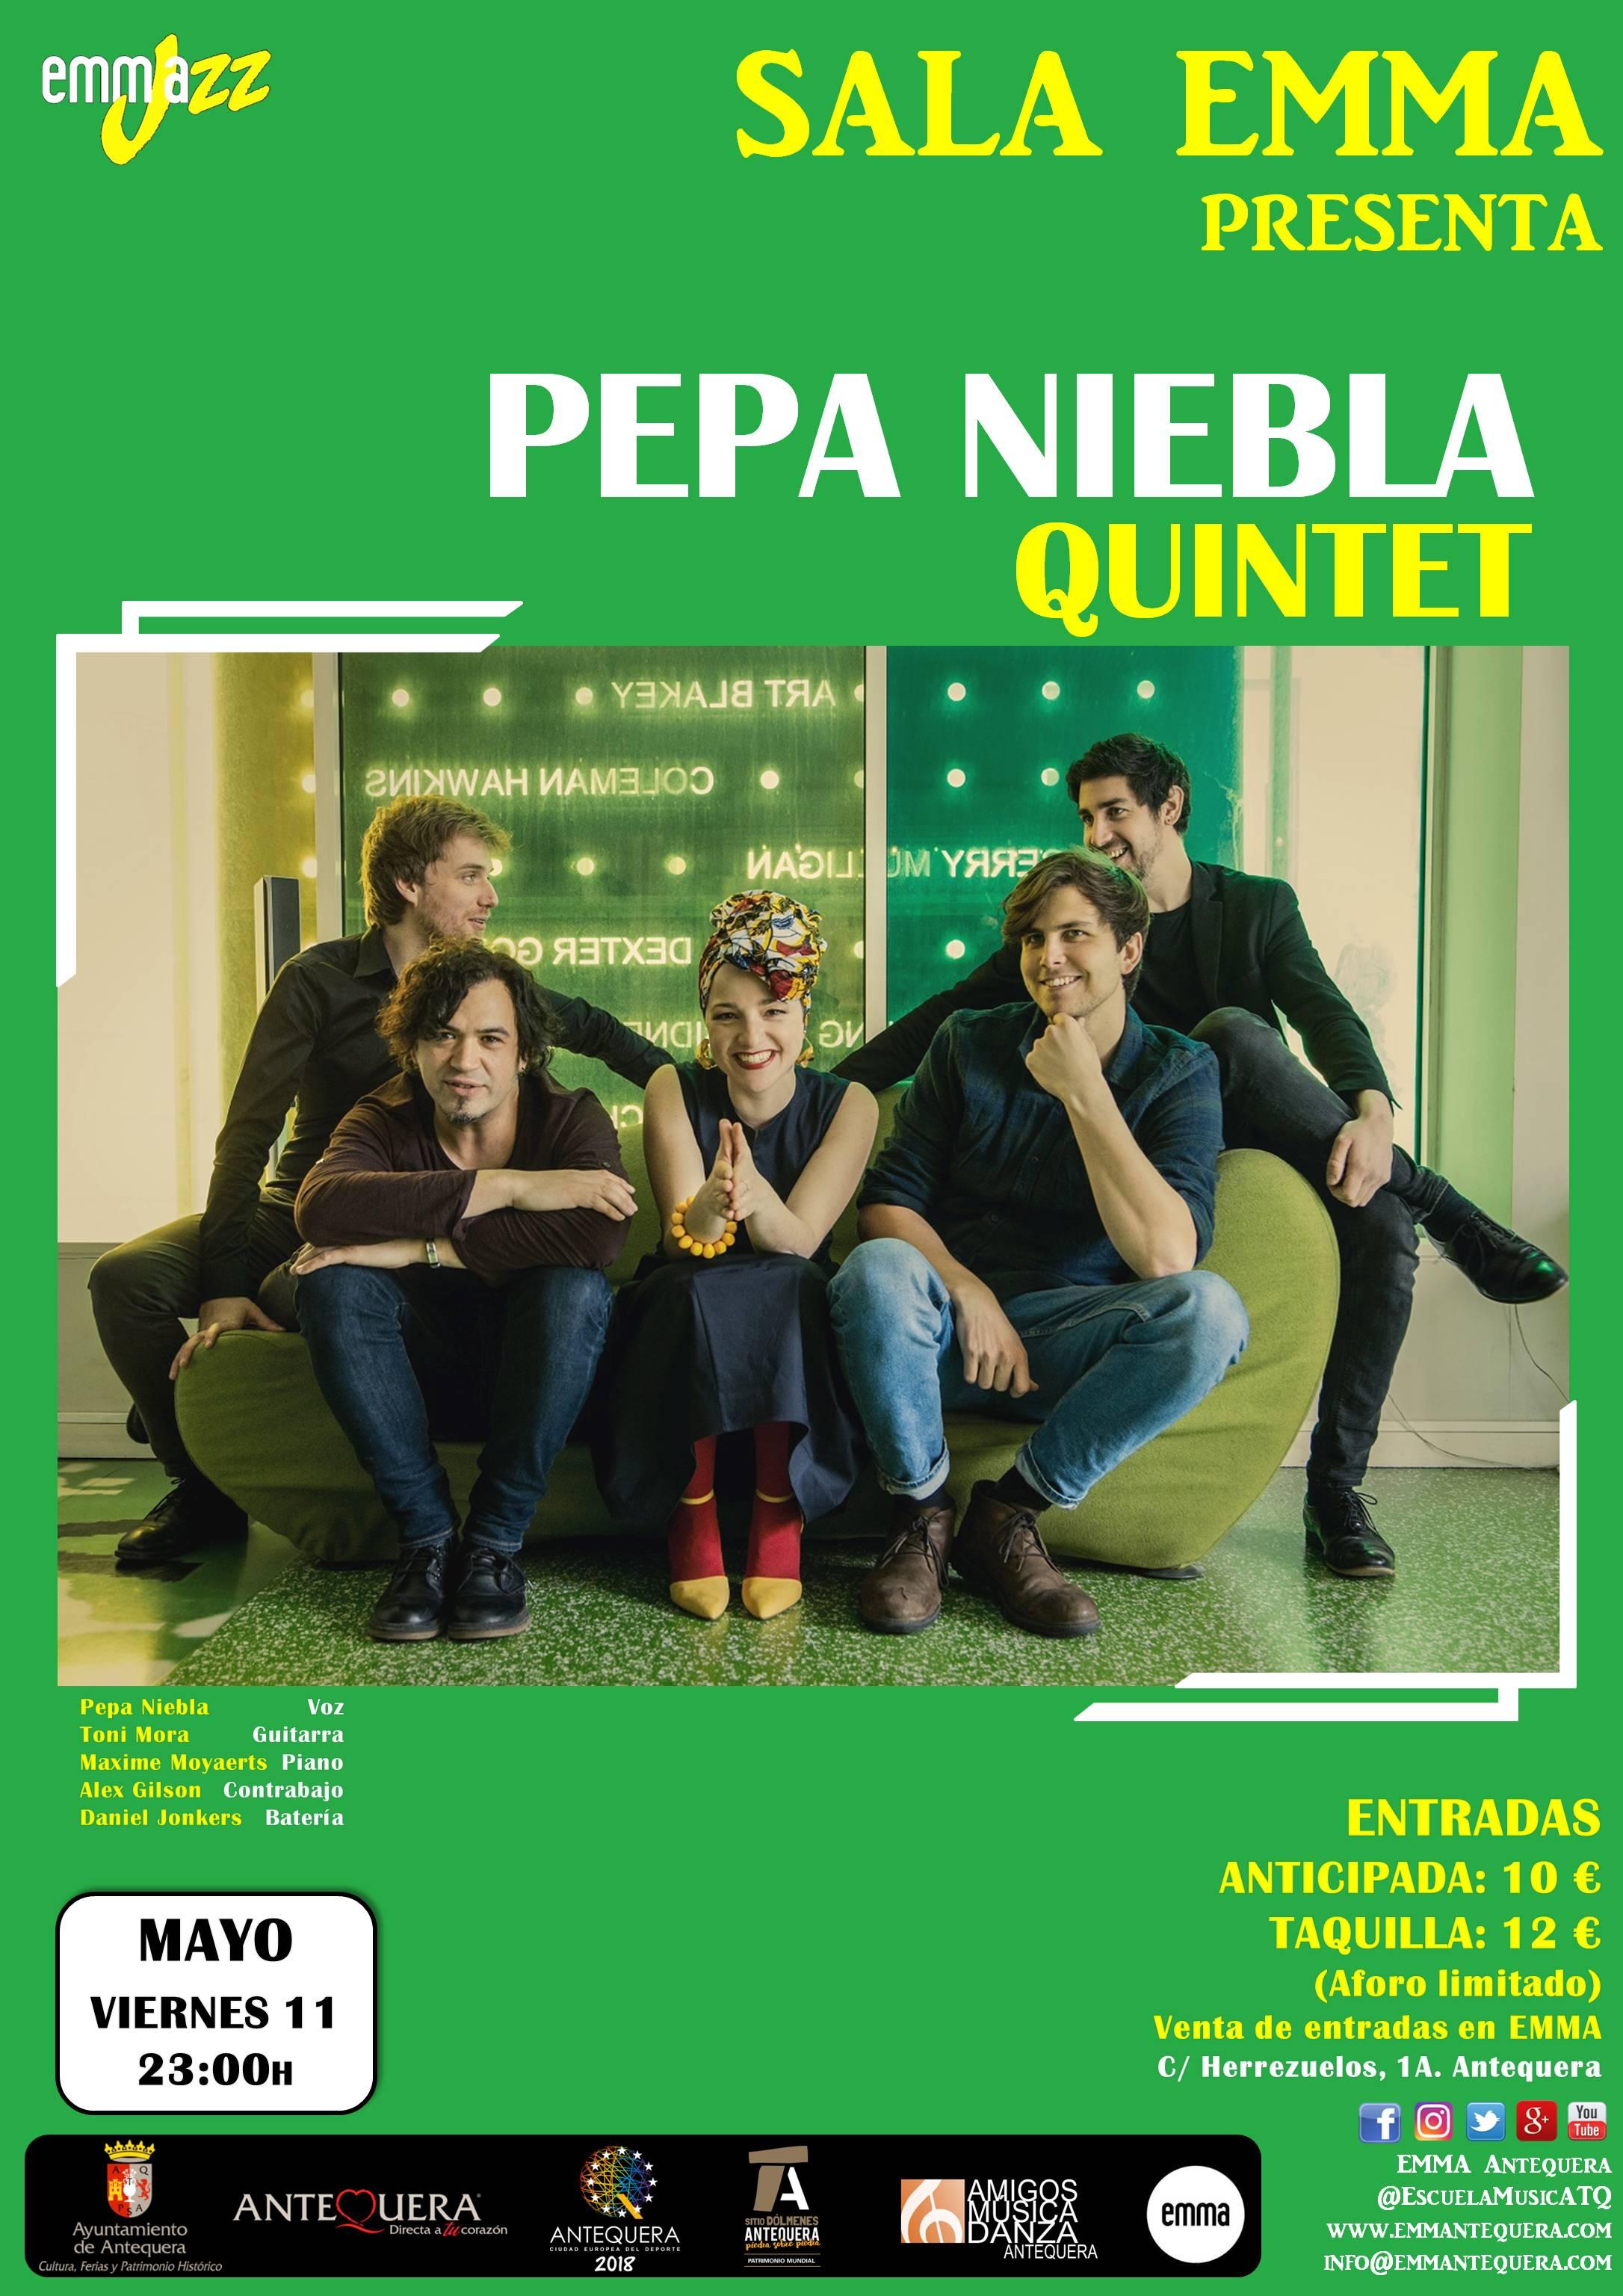 Concierto Pepa Niebla Quintet @ Sala EMMA, Escuela Municipal de Música de Antequera